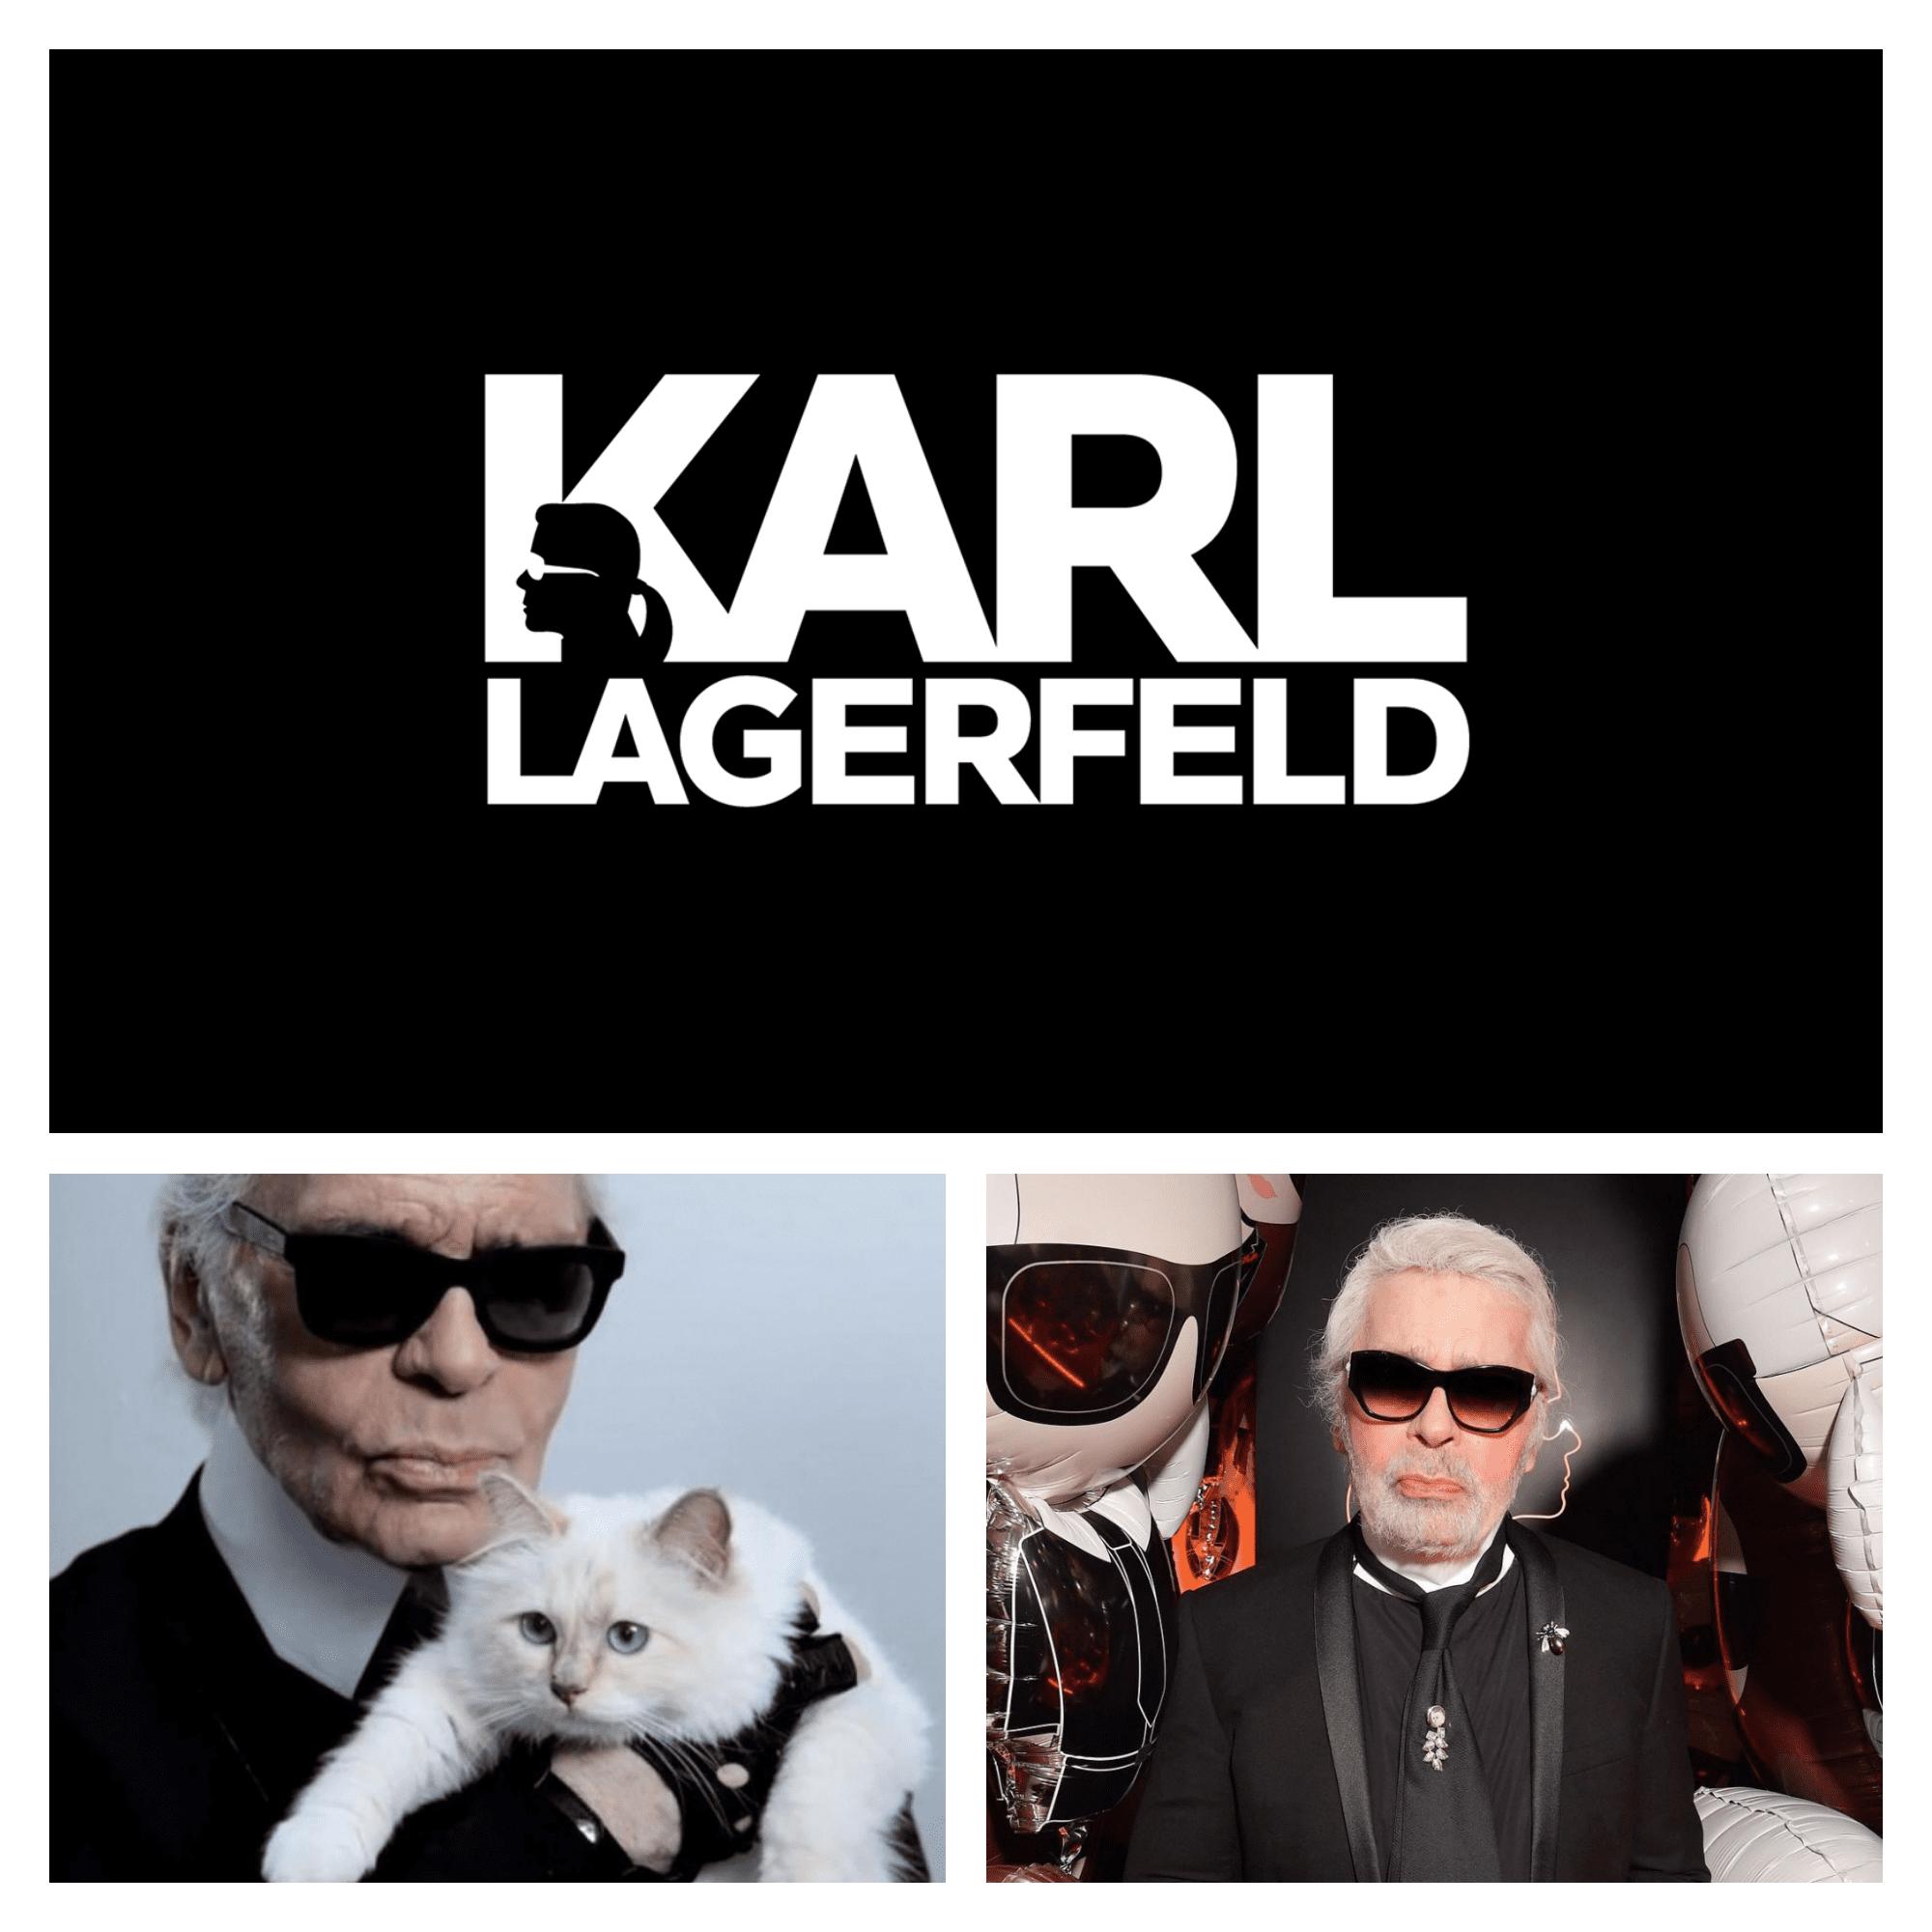 Karl_chat_identite_visuelle